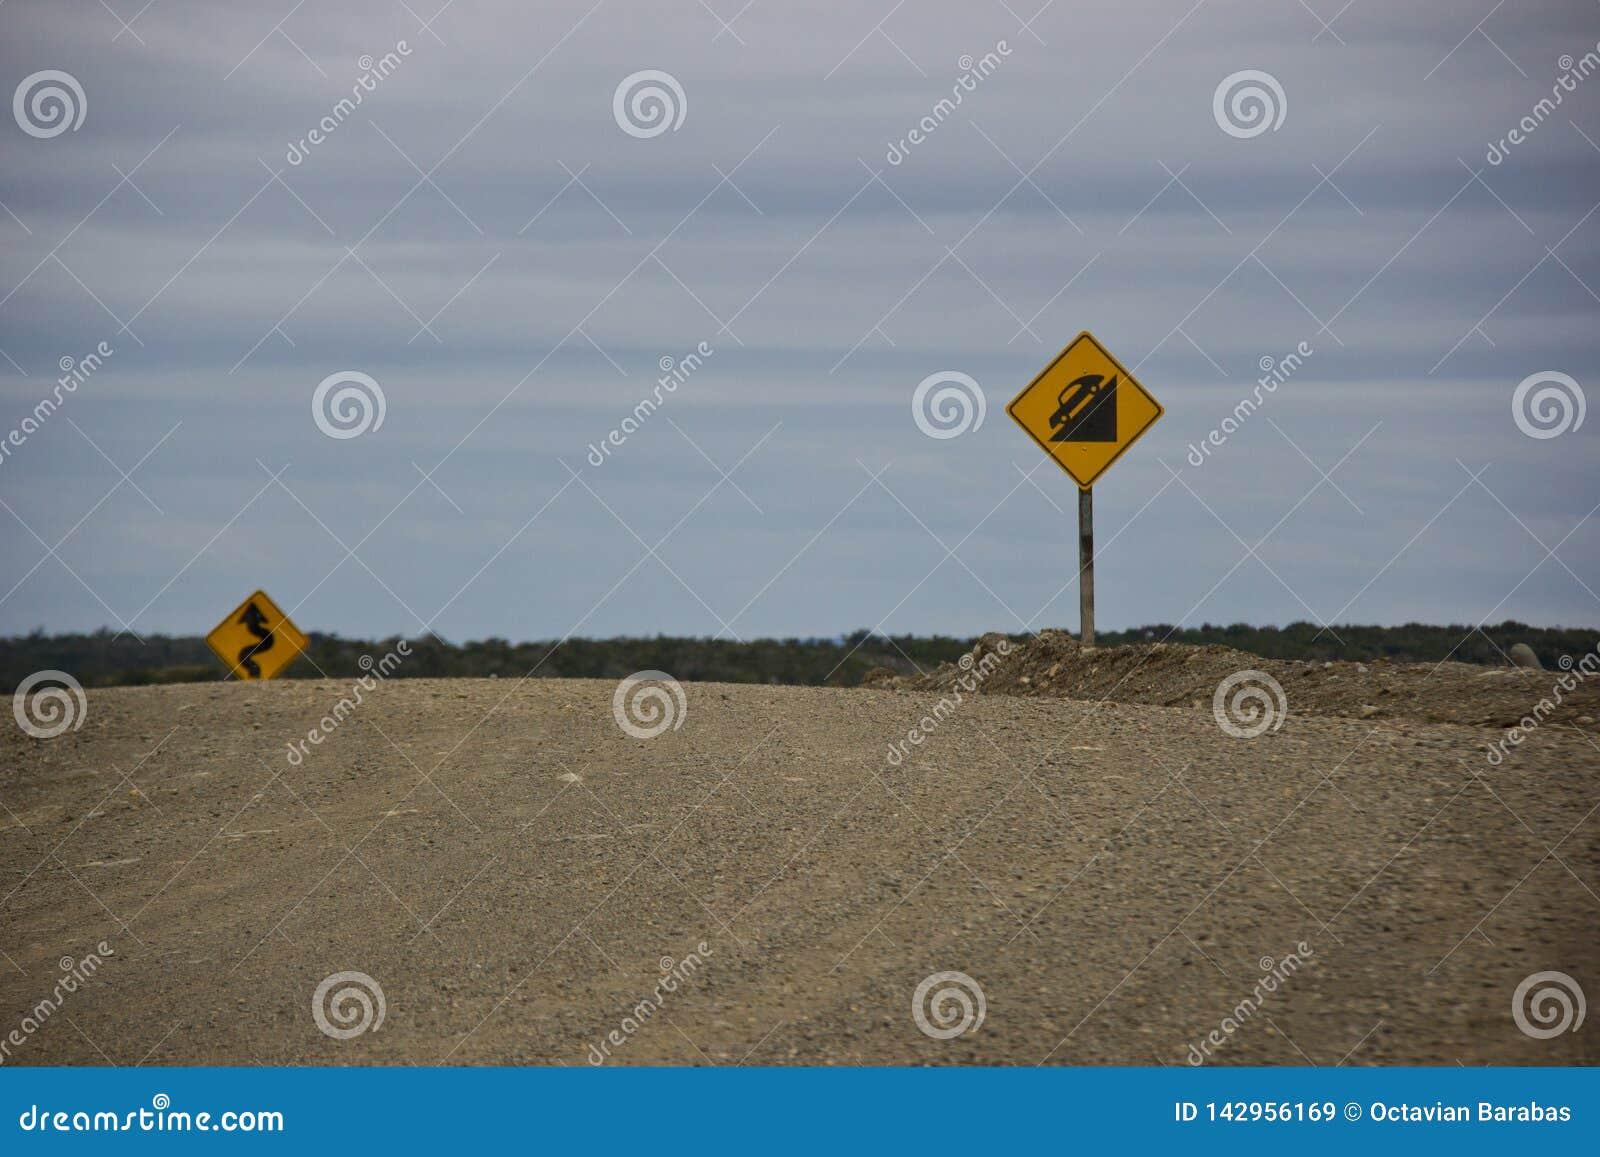 Panneaux routiers pour les routes dangereuses en Argentine